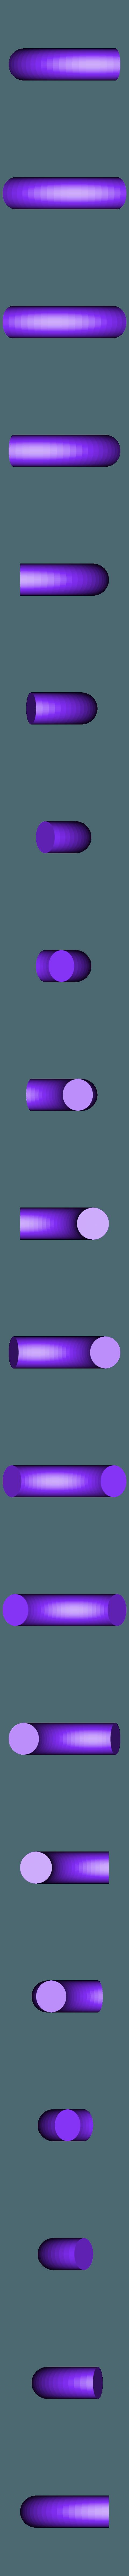 axle_1_90.STL Télécharger fichier STL gratuit MEGA Expansion 200+ Pièces • Plan à imprimer en 3D, Pwentey